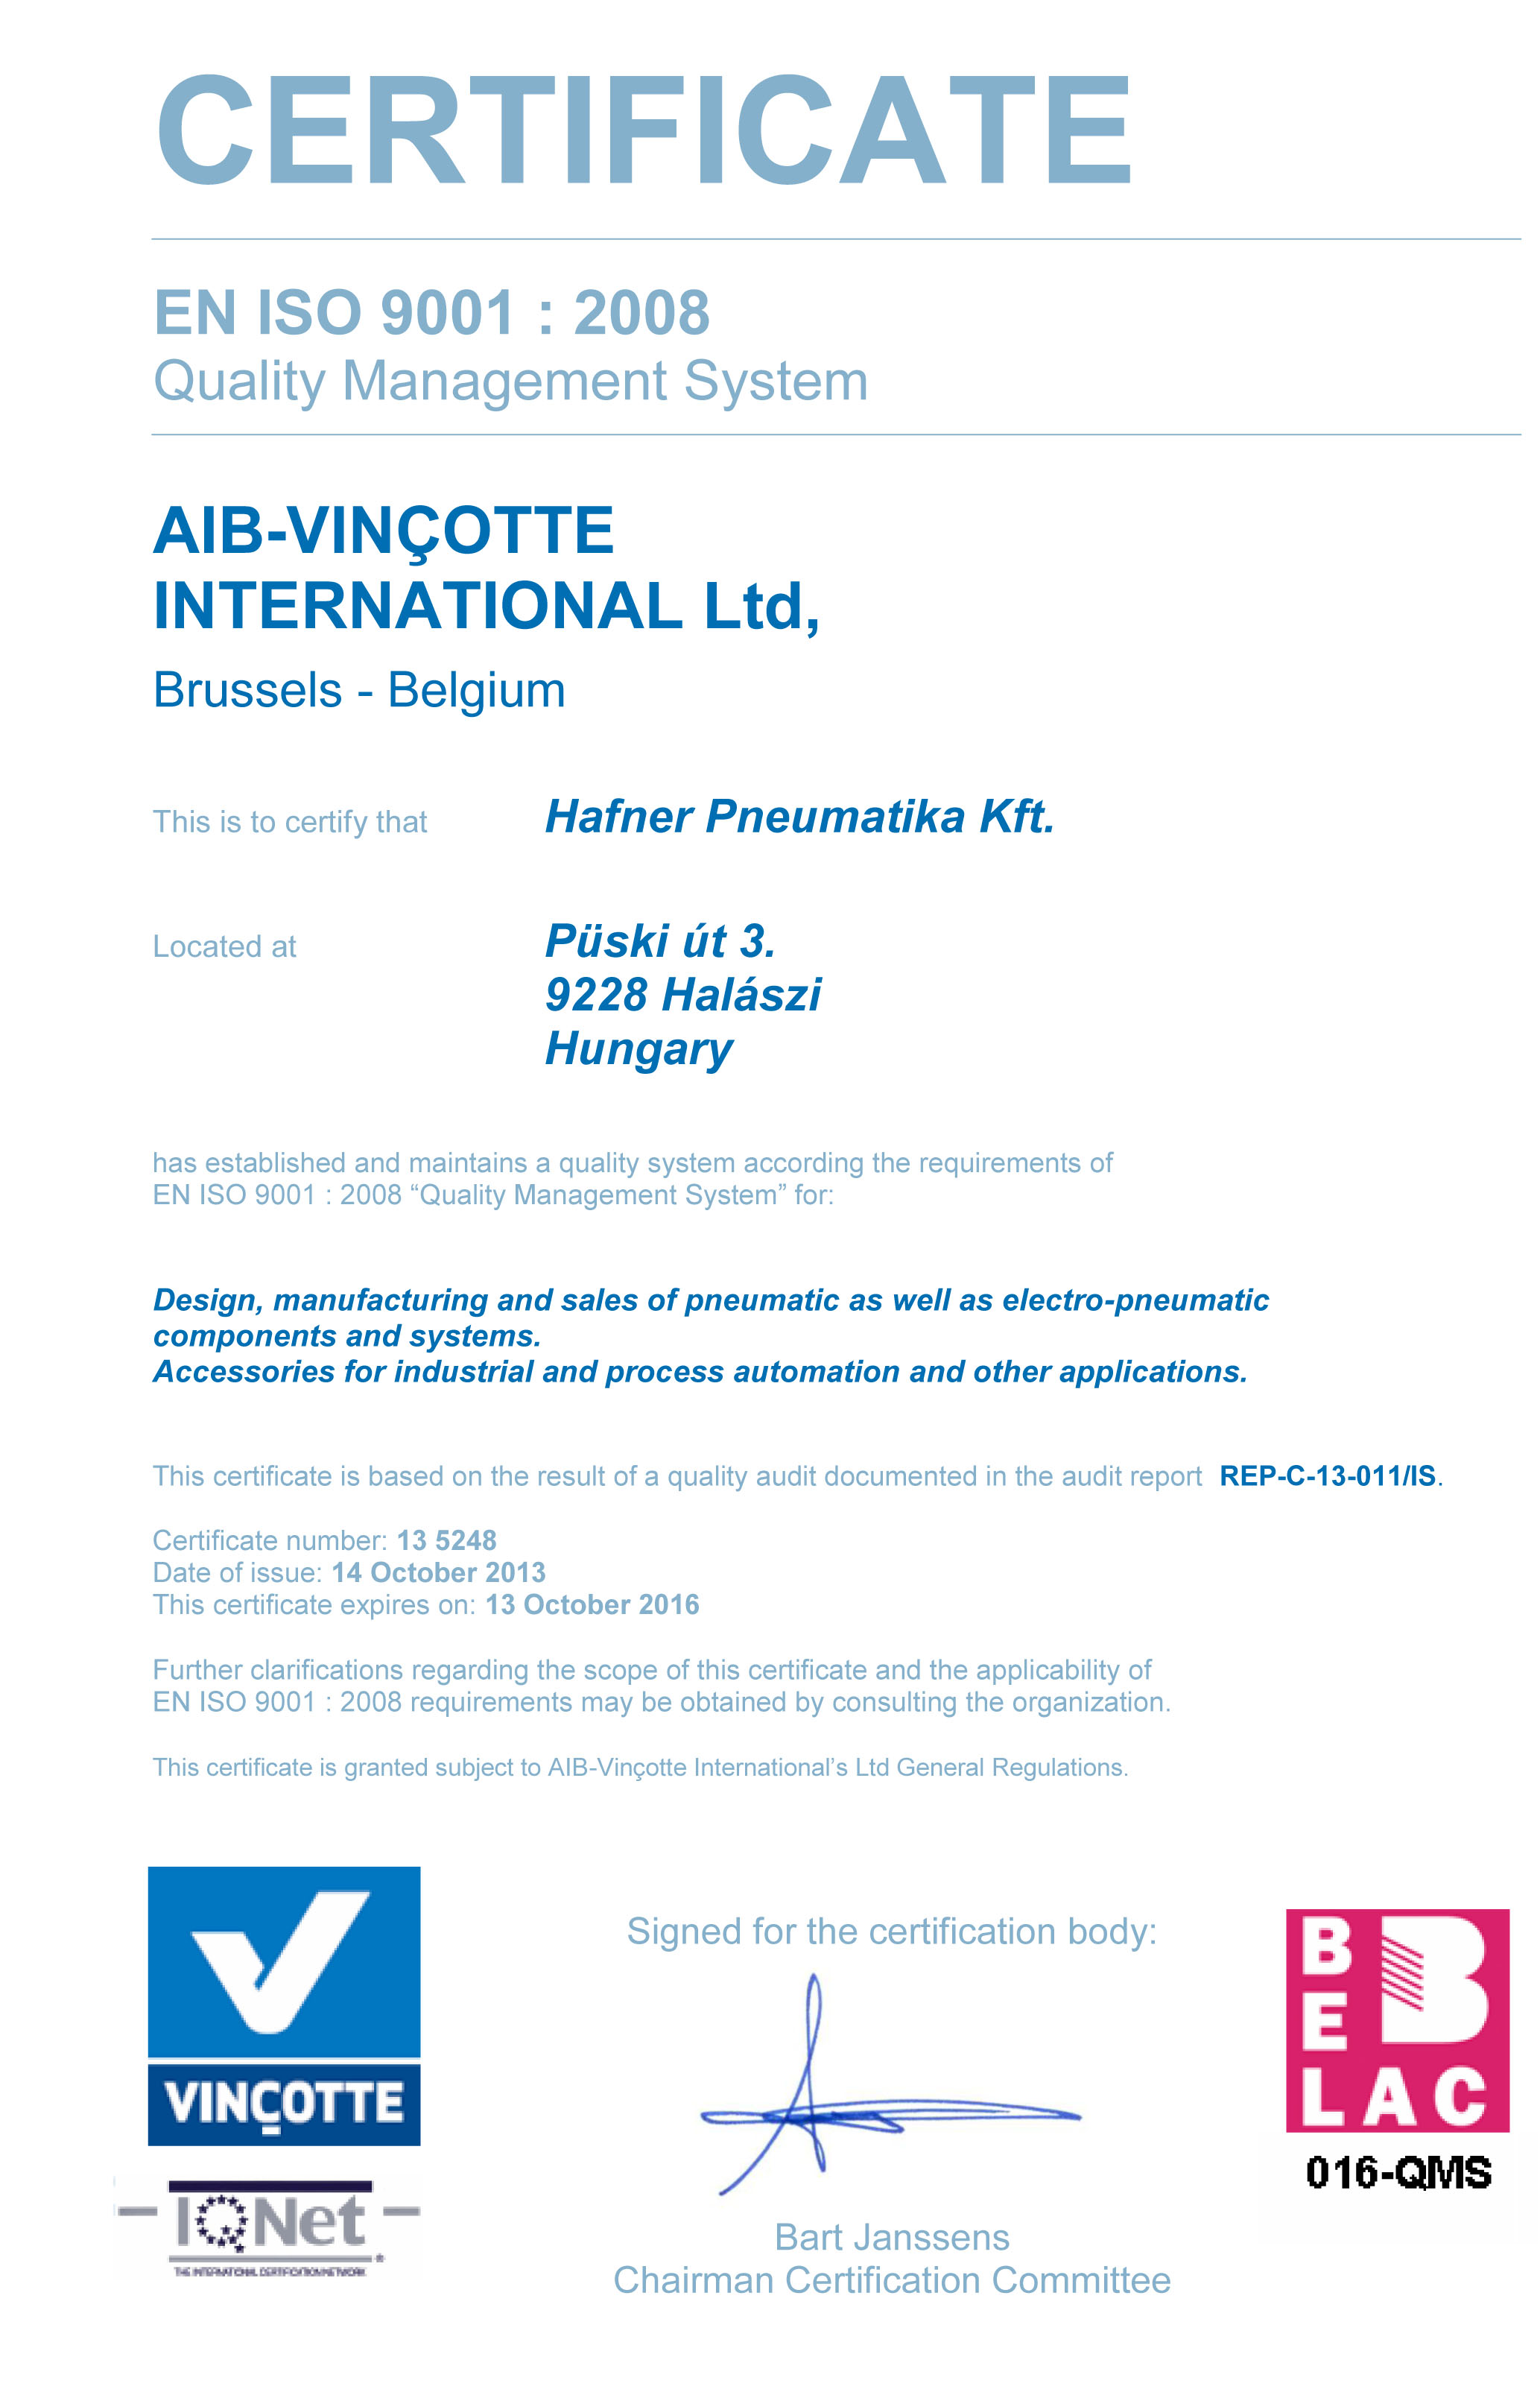 EN ISO 9001:2008 magyar nyelvű tanúsítvány